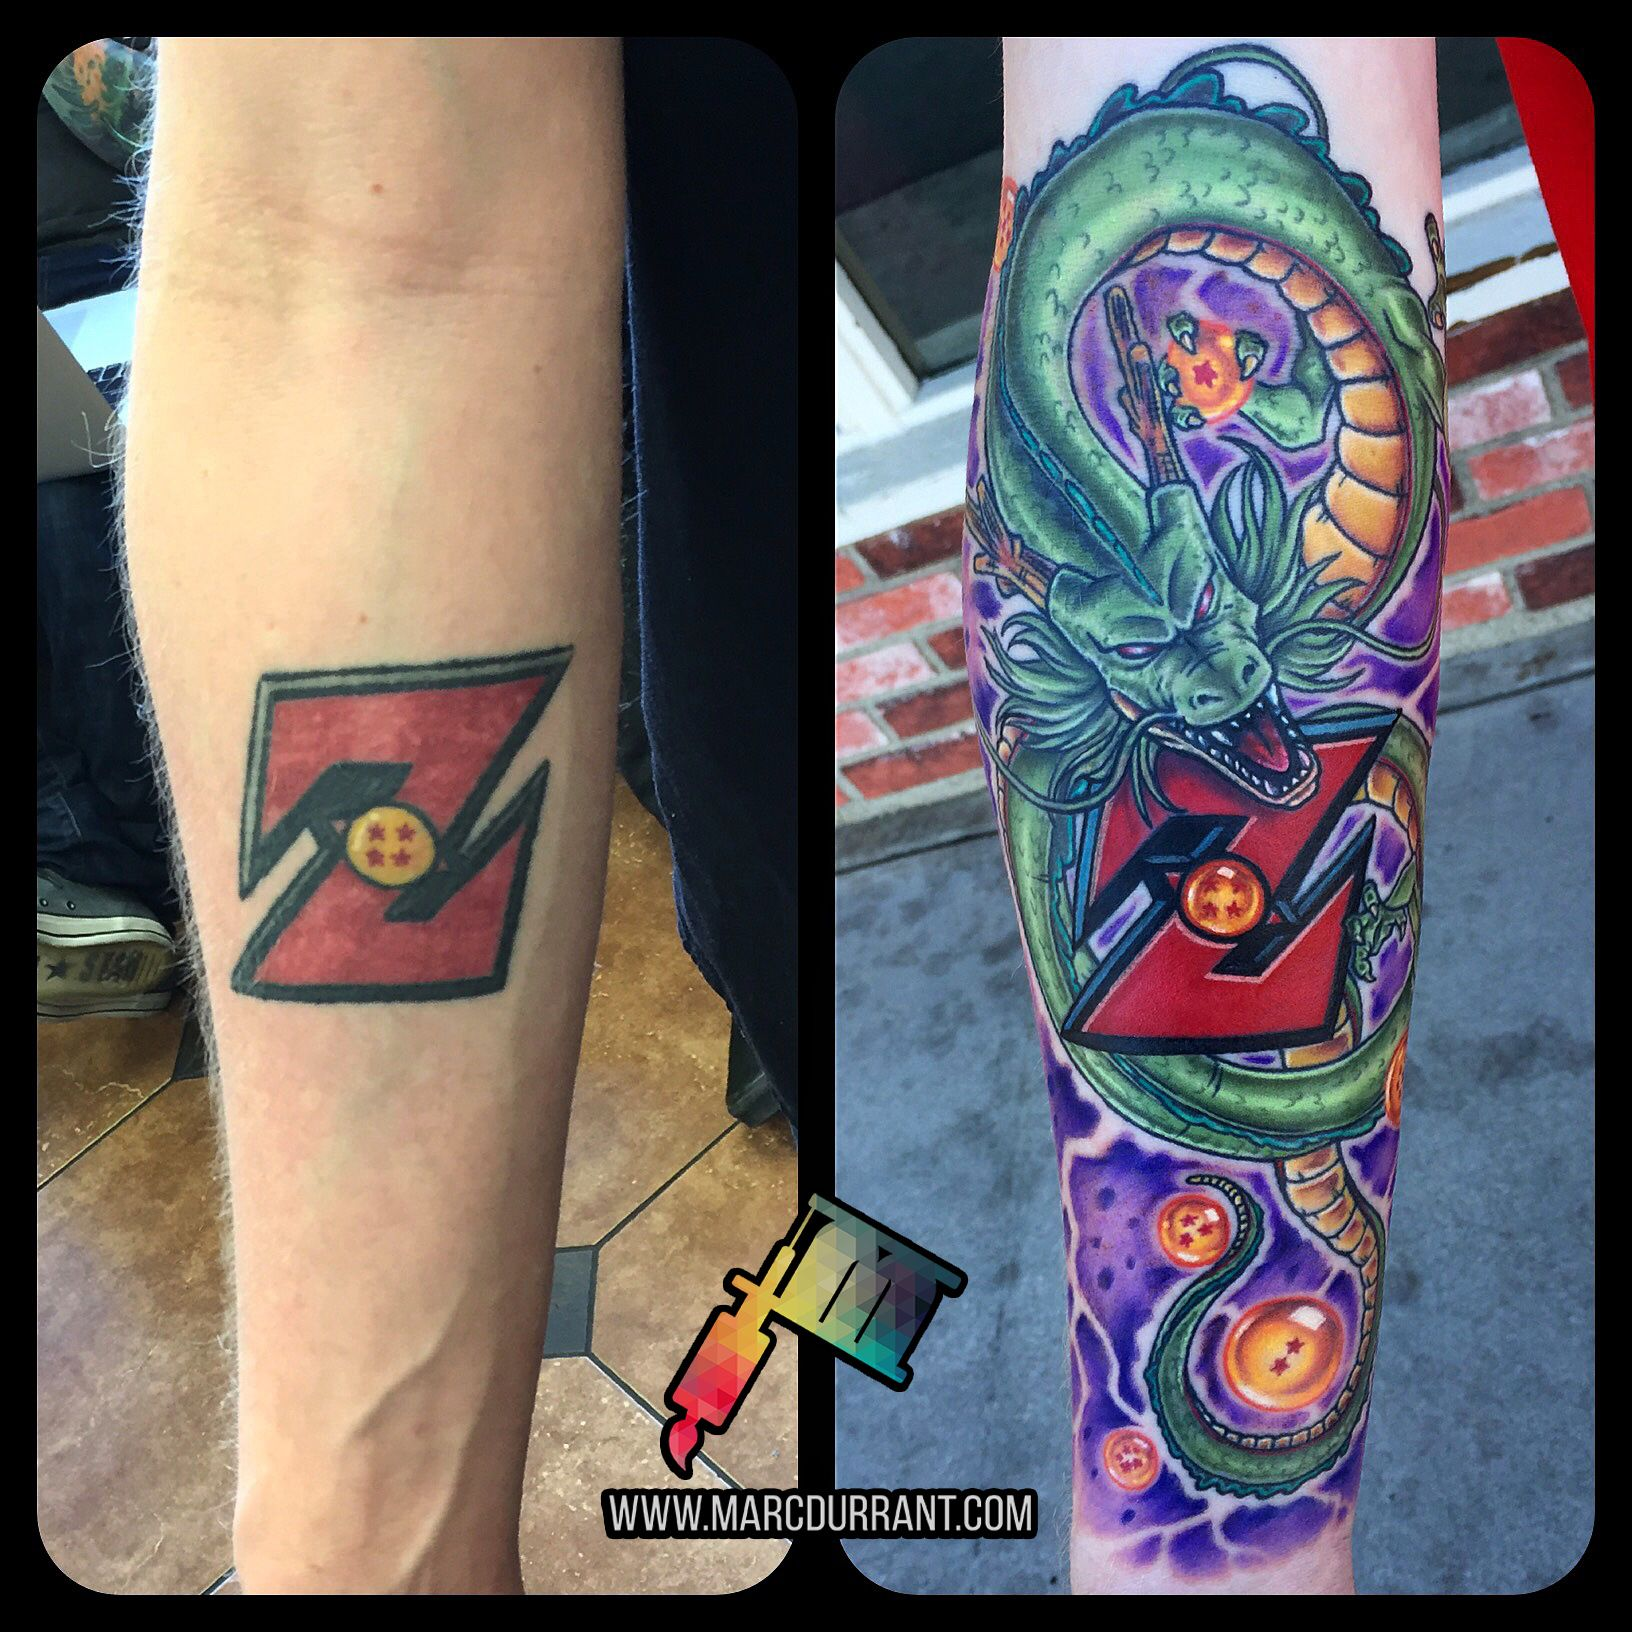 Dragon Ball Z Eternal Dragon Fix Up Done By Me, Marc